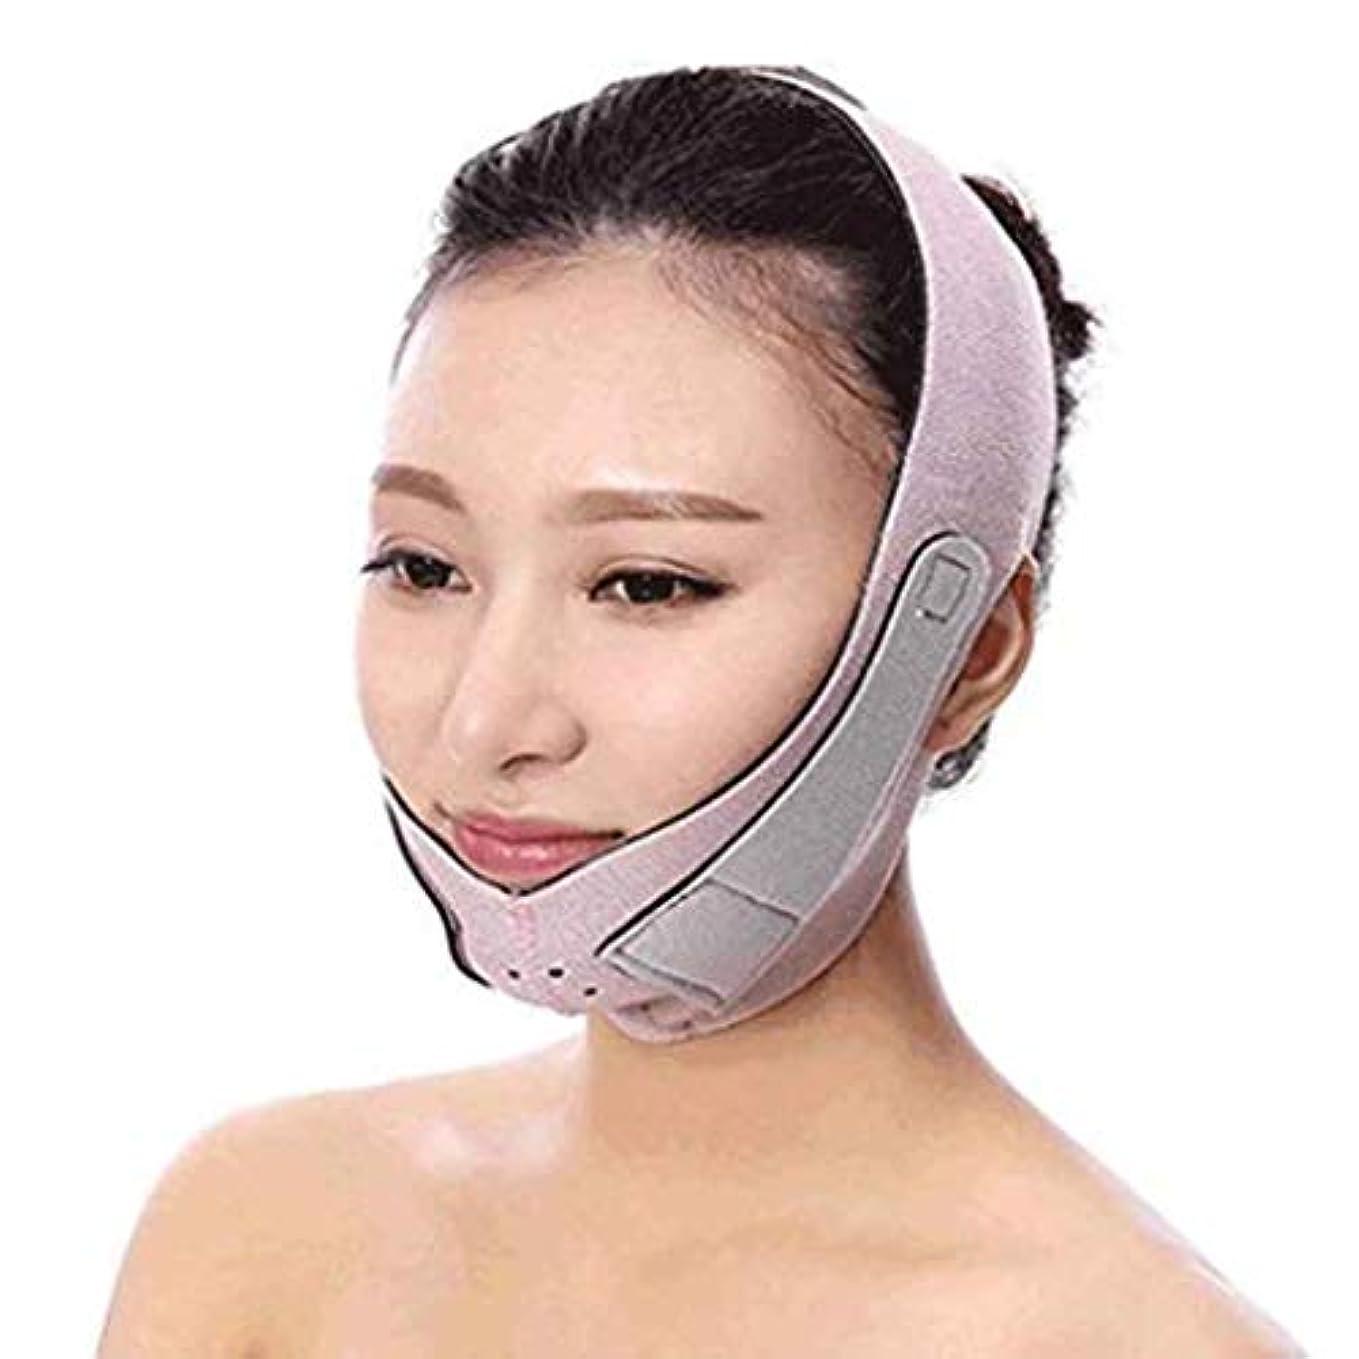 欲しいです小川クレデンシャルセット 小顔 矯正 たるみ ほうれい線 美顔 顔痩せ グッズ フェイス マスク ベルト コルセット メンズ レディース サポーター